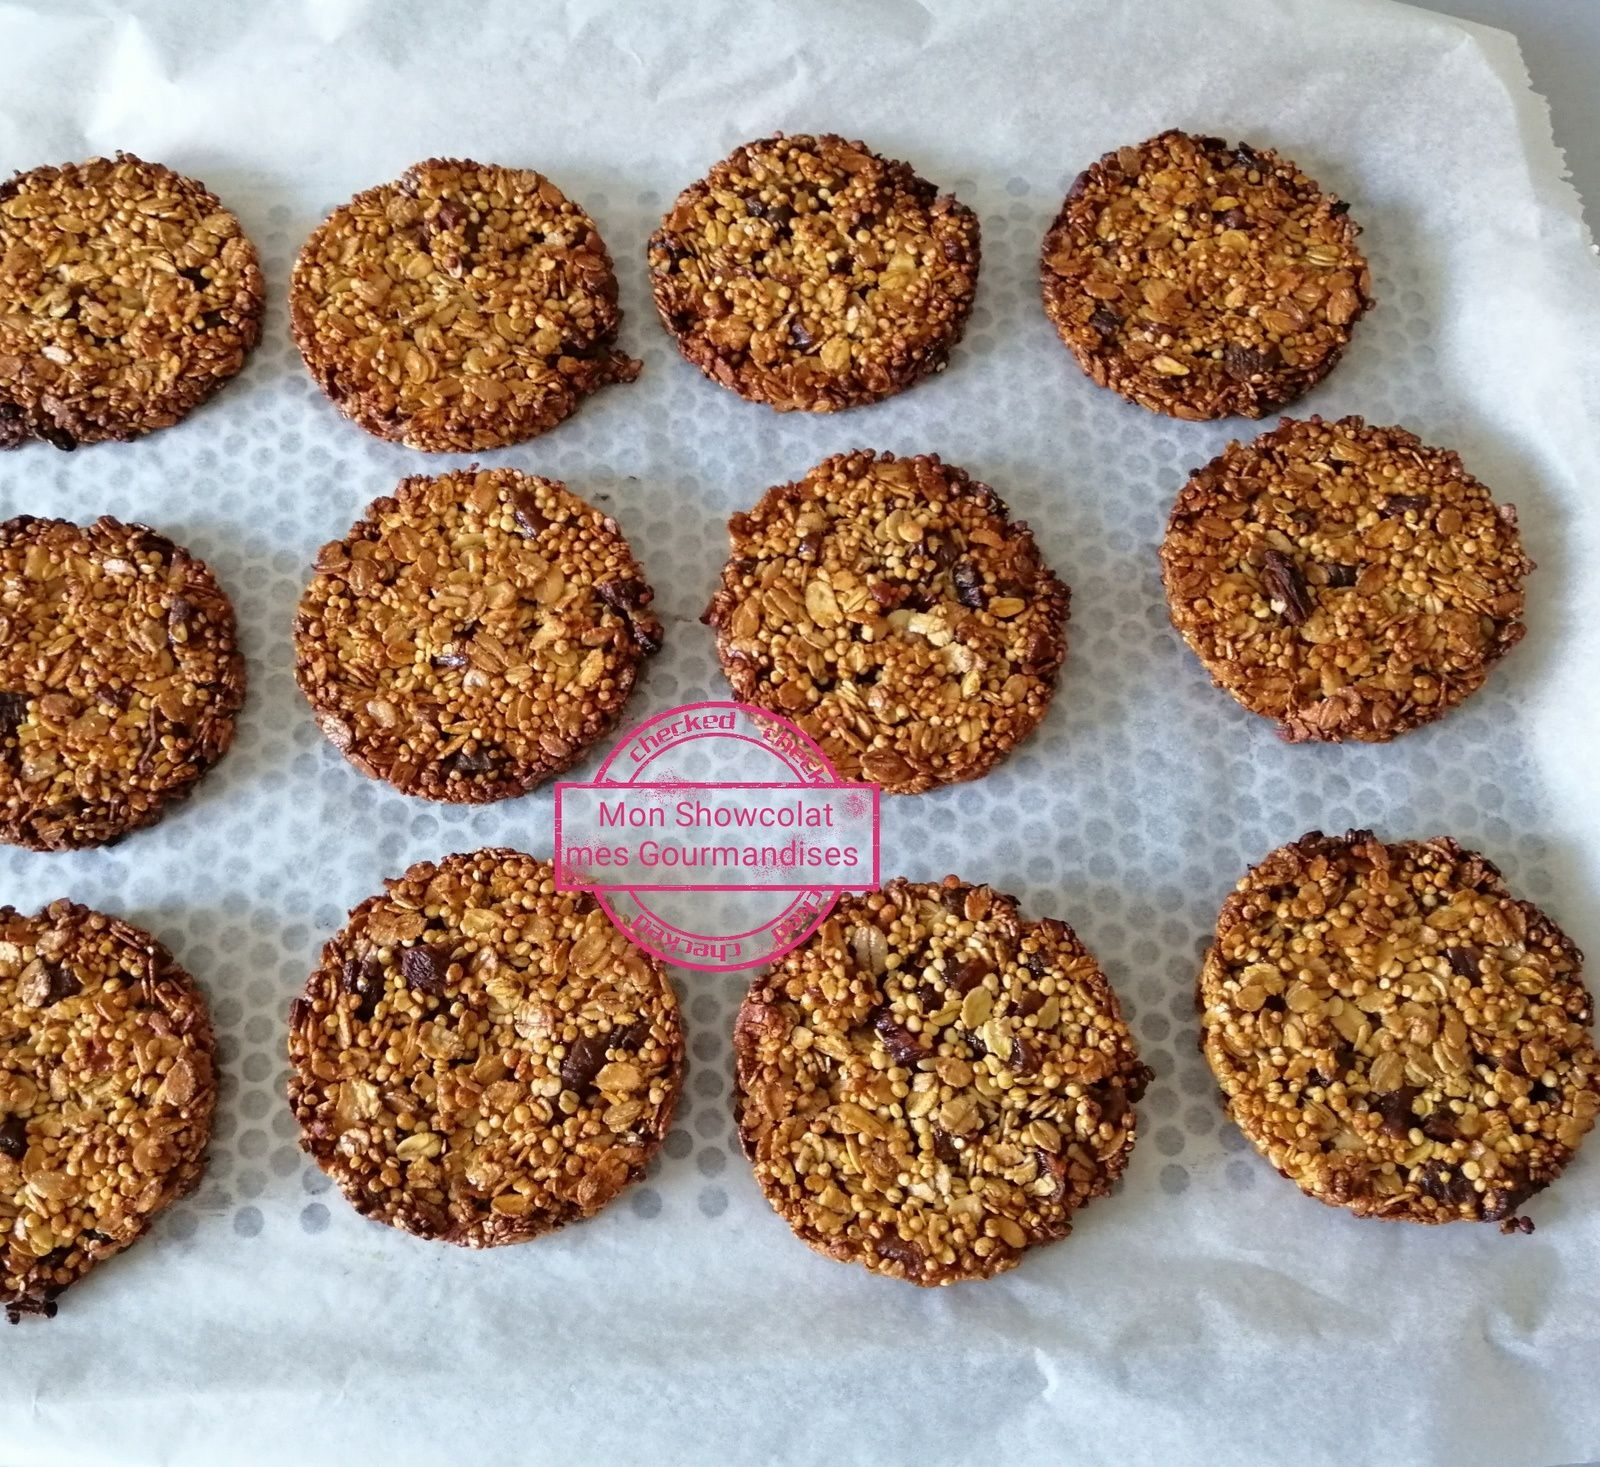 Galettes au quinoa soufflé, flocons d'avoine et chocolat